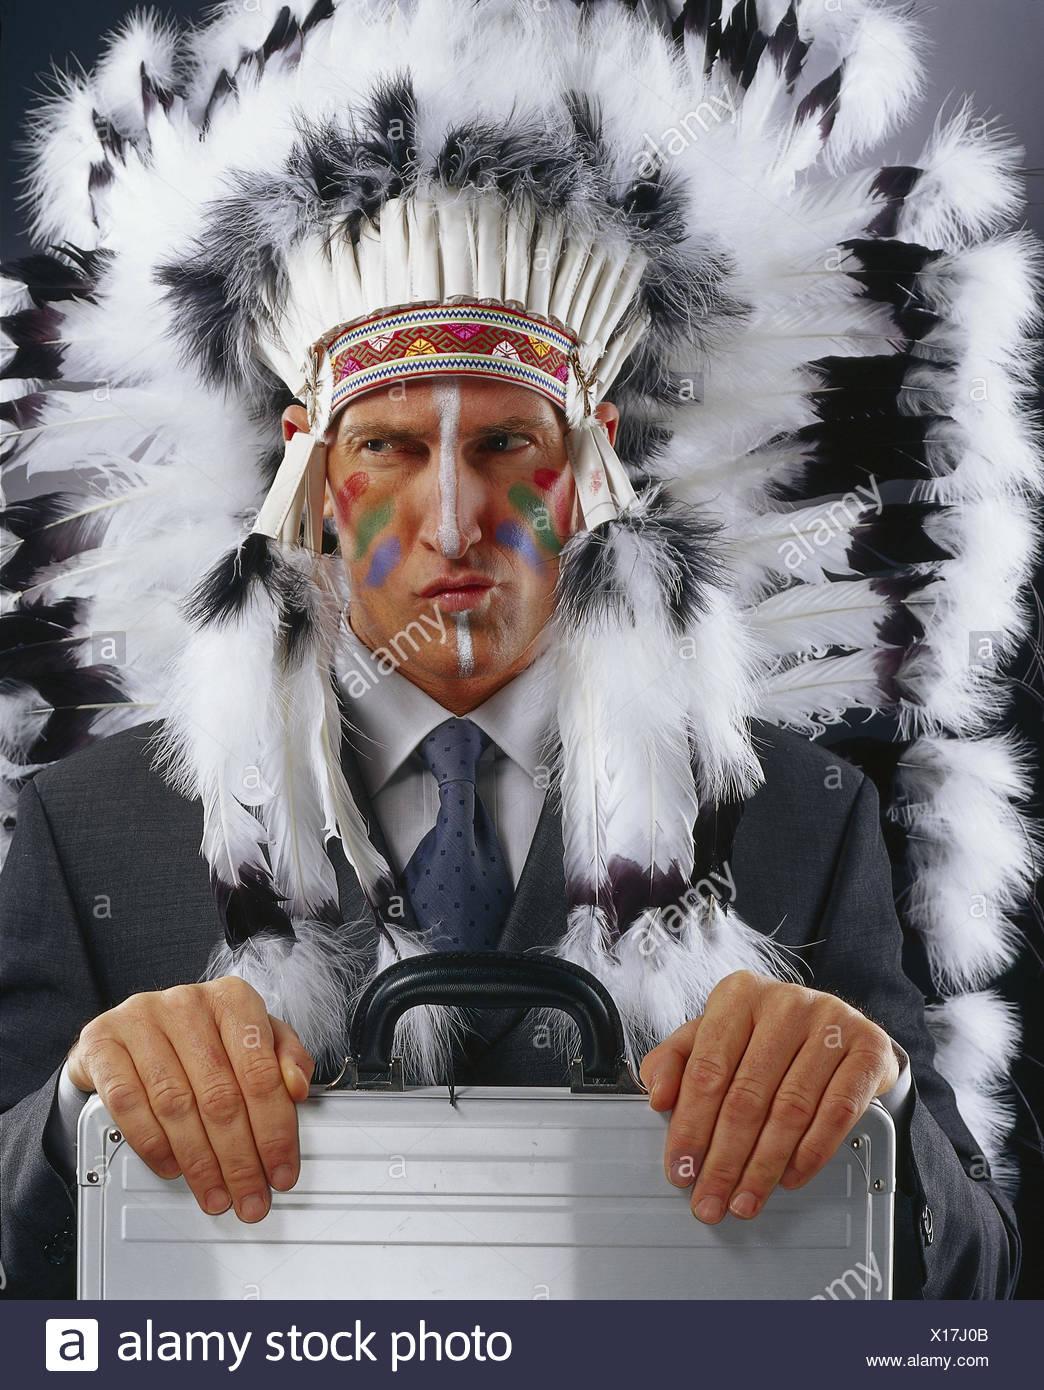 Les Indiens Dirigeant La Peinture De La Guerre Poursuite Bijoux